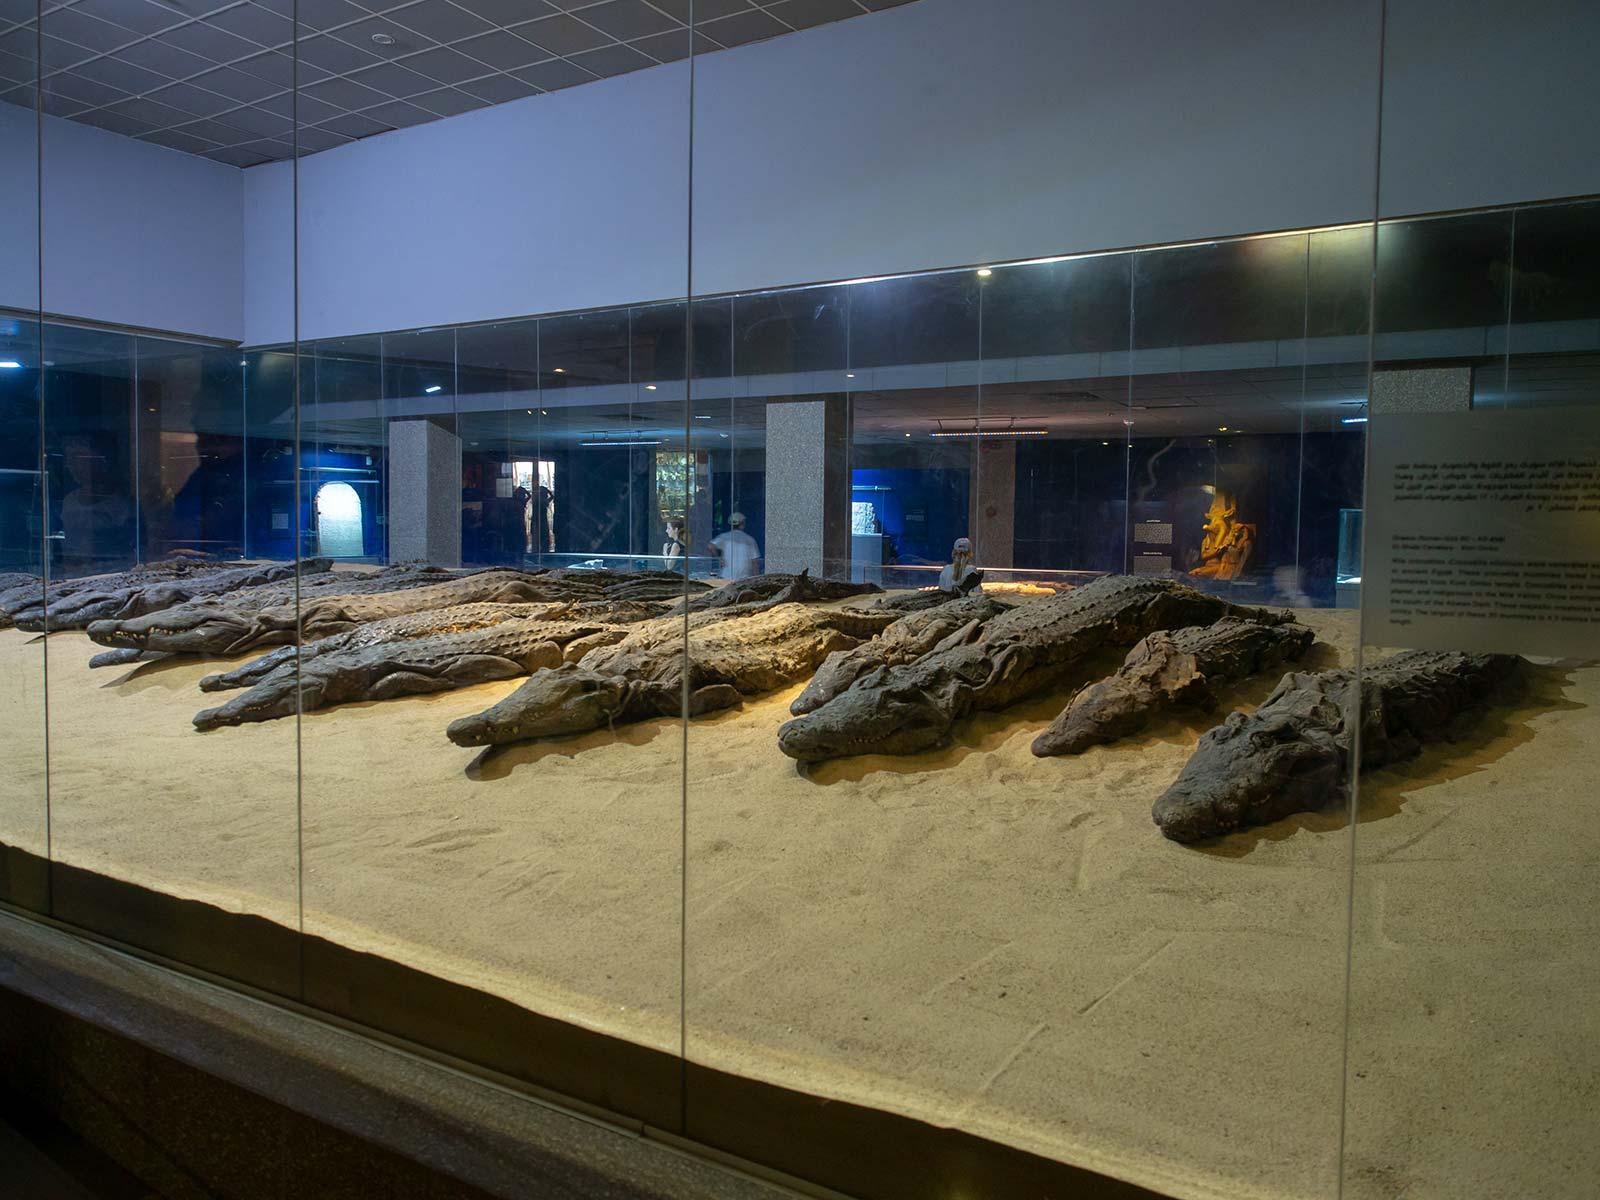 Mumifizierte Krokodile in Kom Ombo